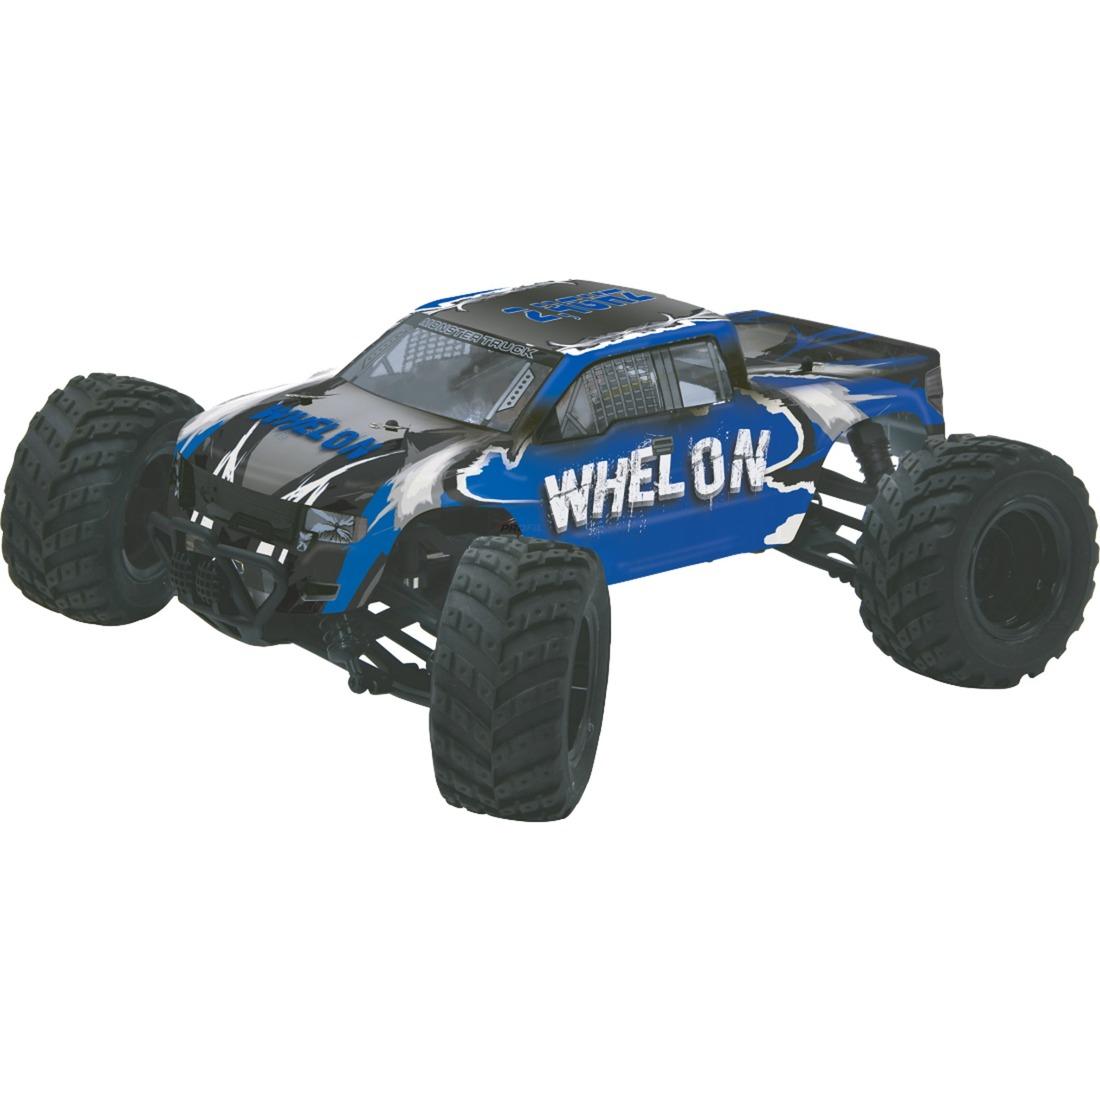 053355 Monster truck Motor eléctrico 1:12 vehículo de tierra por radio control (RC), Radiocontrol